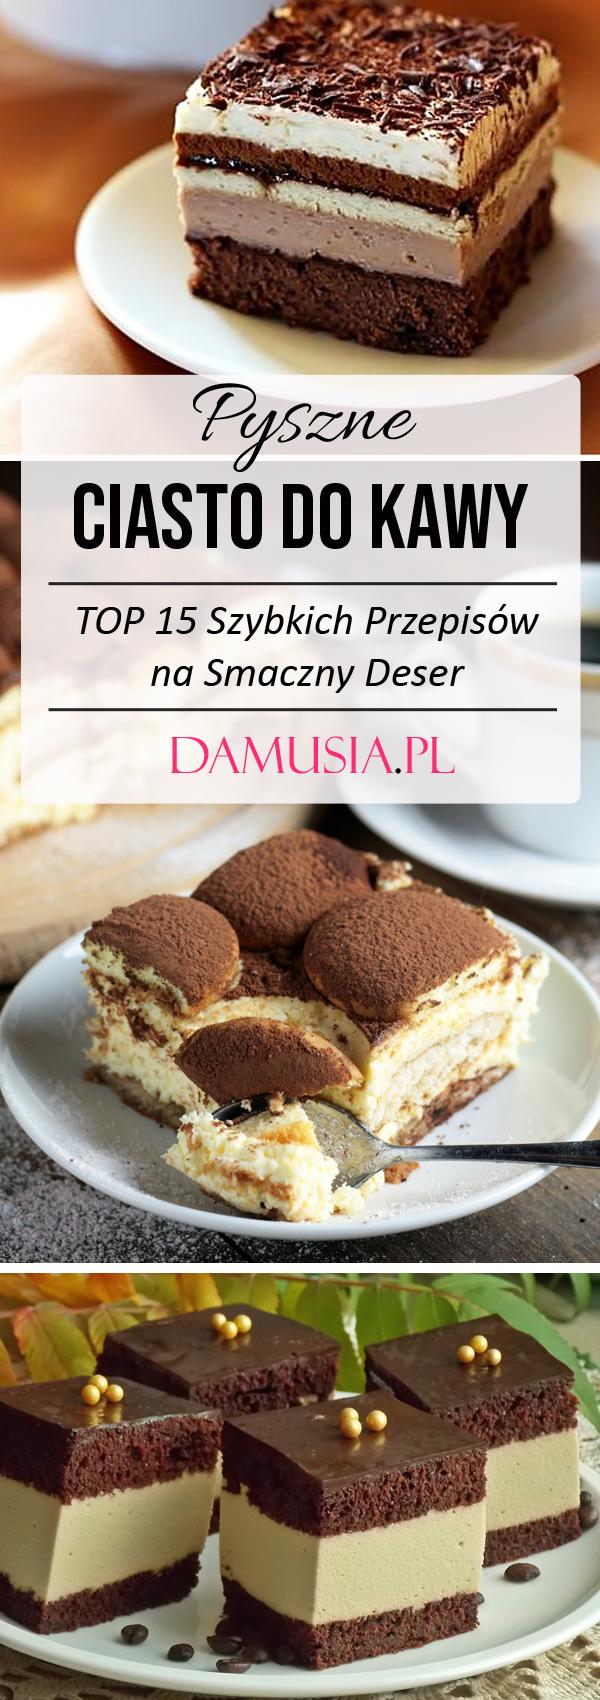 Pyszne Ciasto Do Kawy Top 15 Szybkich Przepisow Na Smaczny Deser